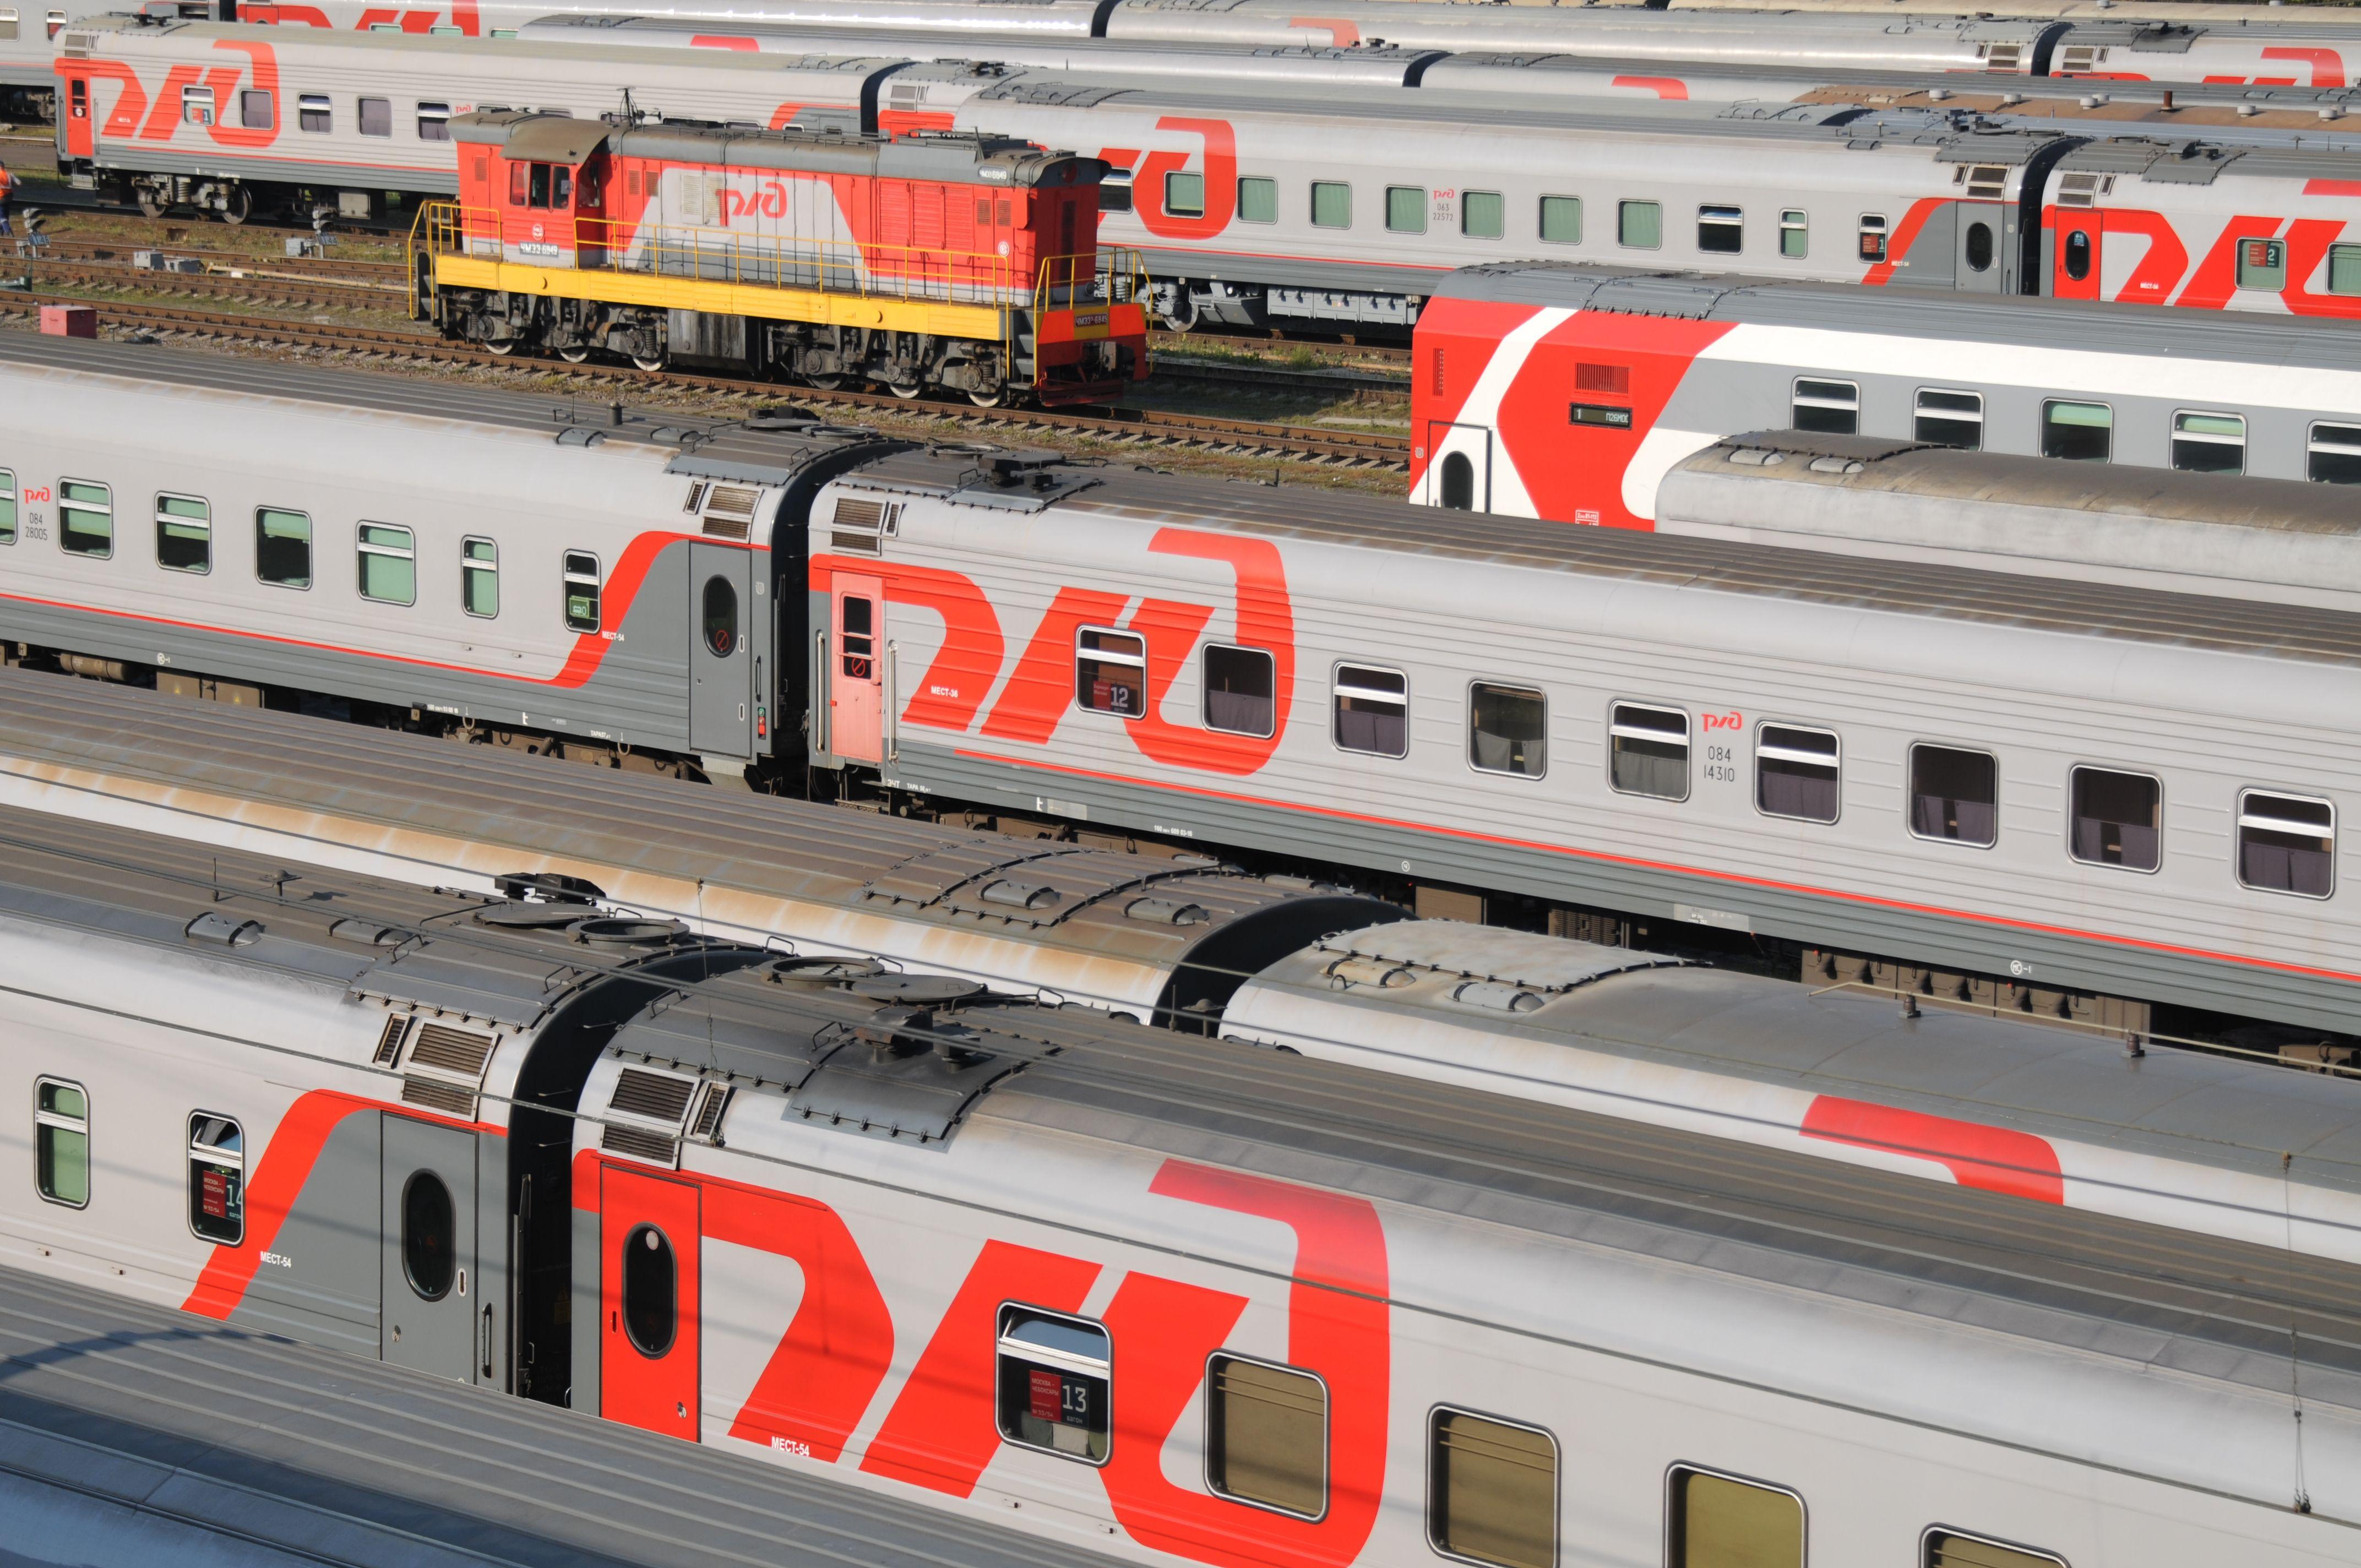 МЖД анонсировала два ночных поезда из Москвы в Москву